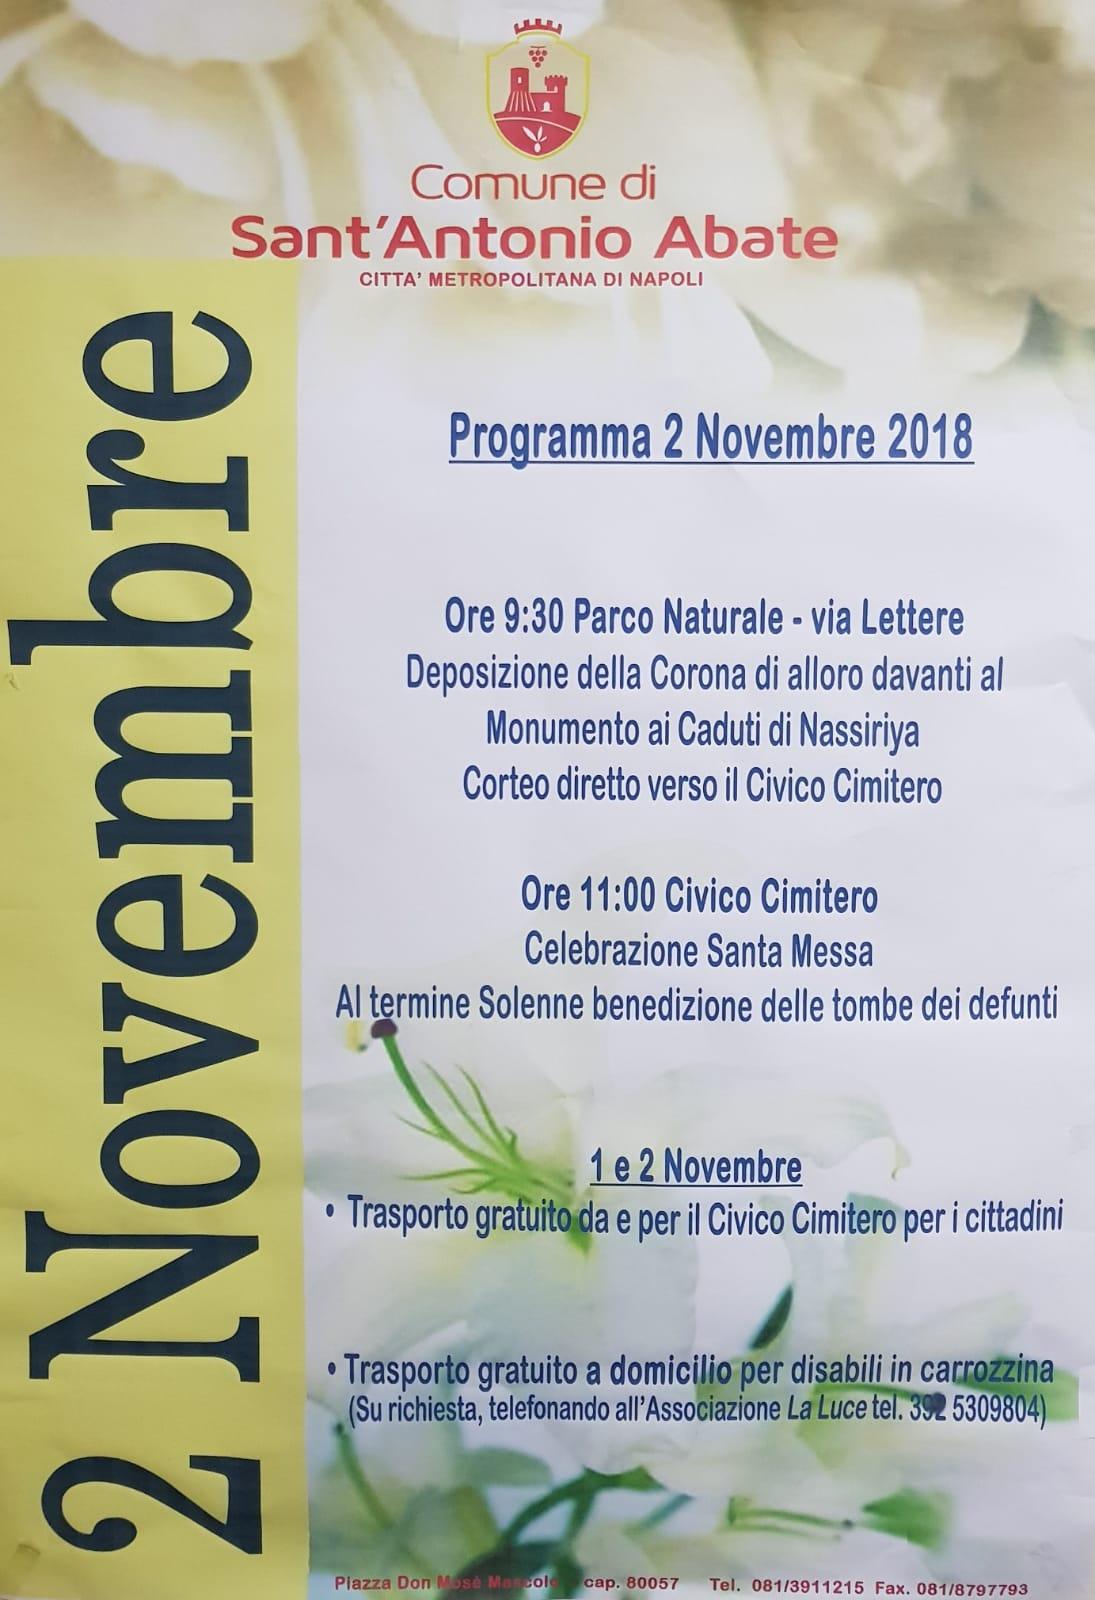 commemorazione dei defunti - programma 2 novembre